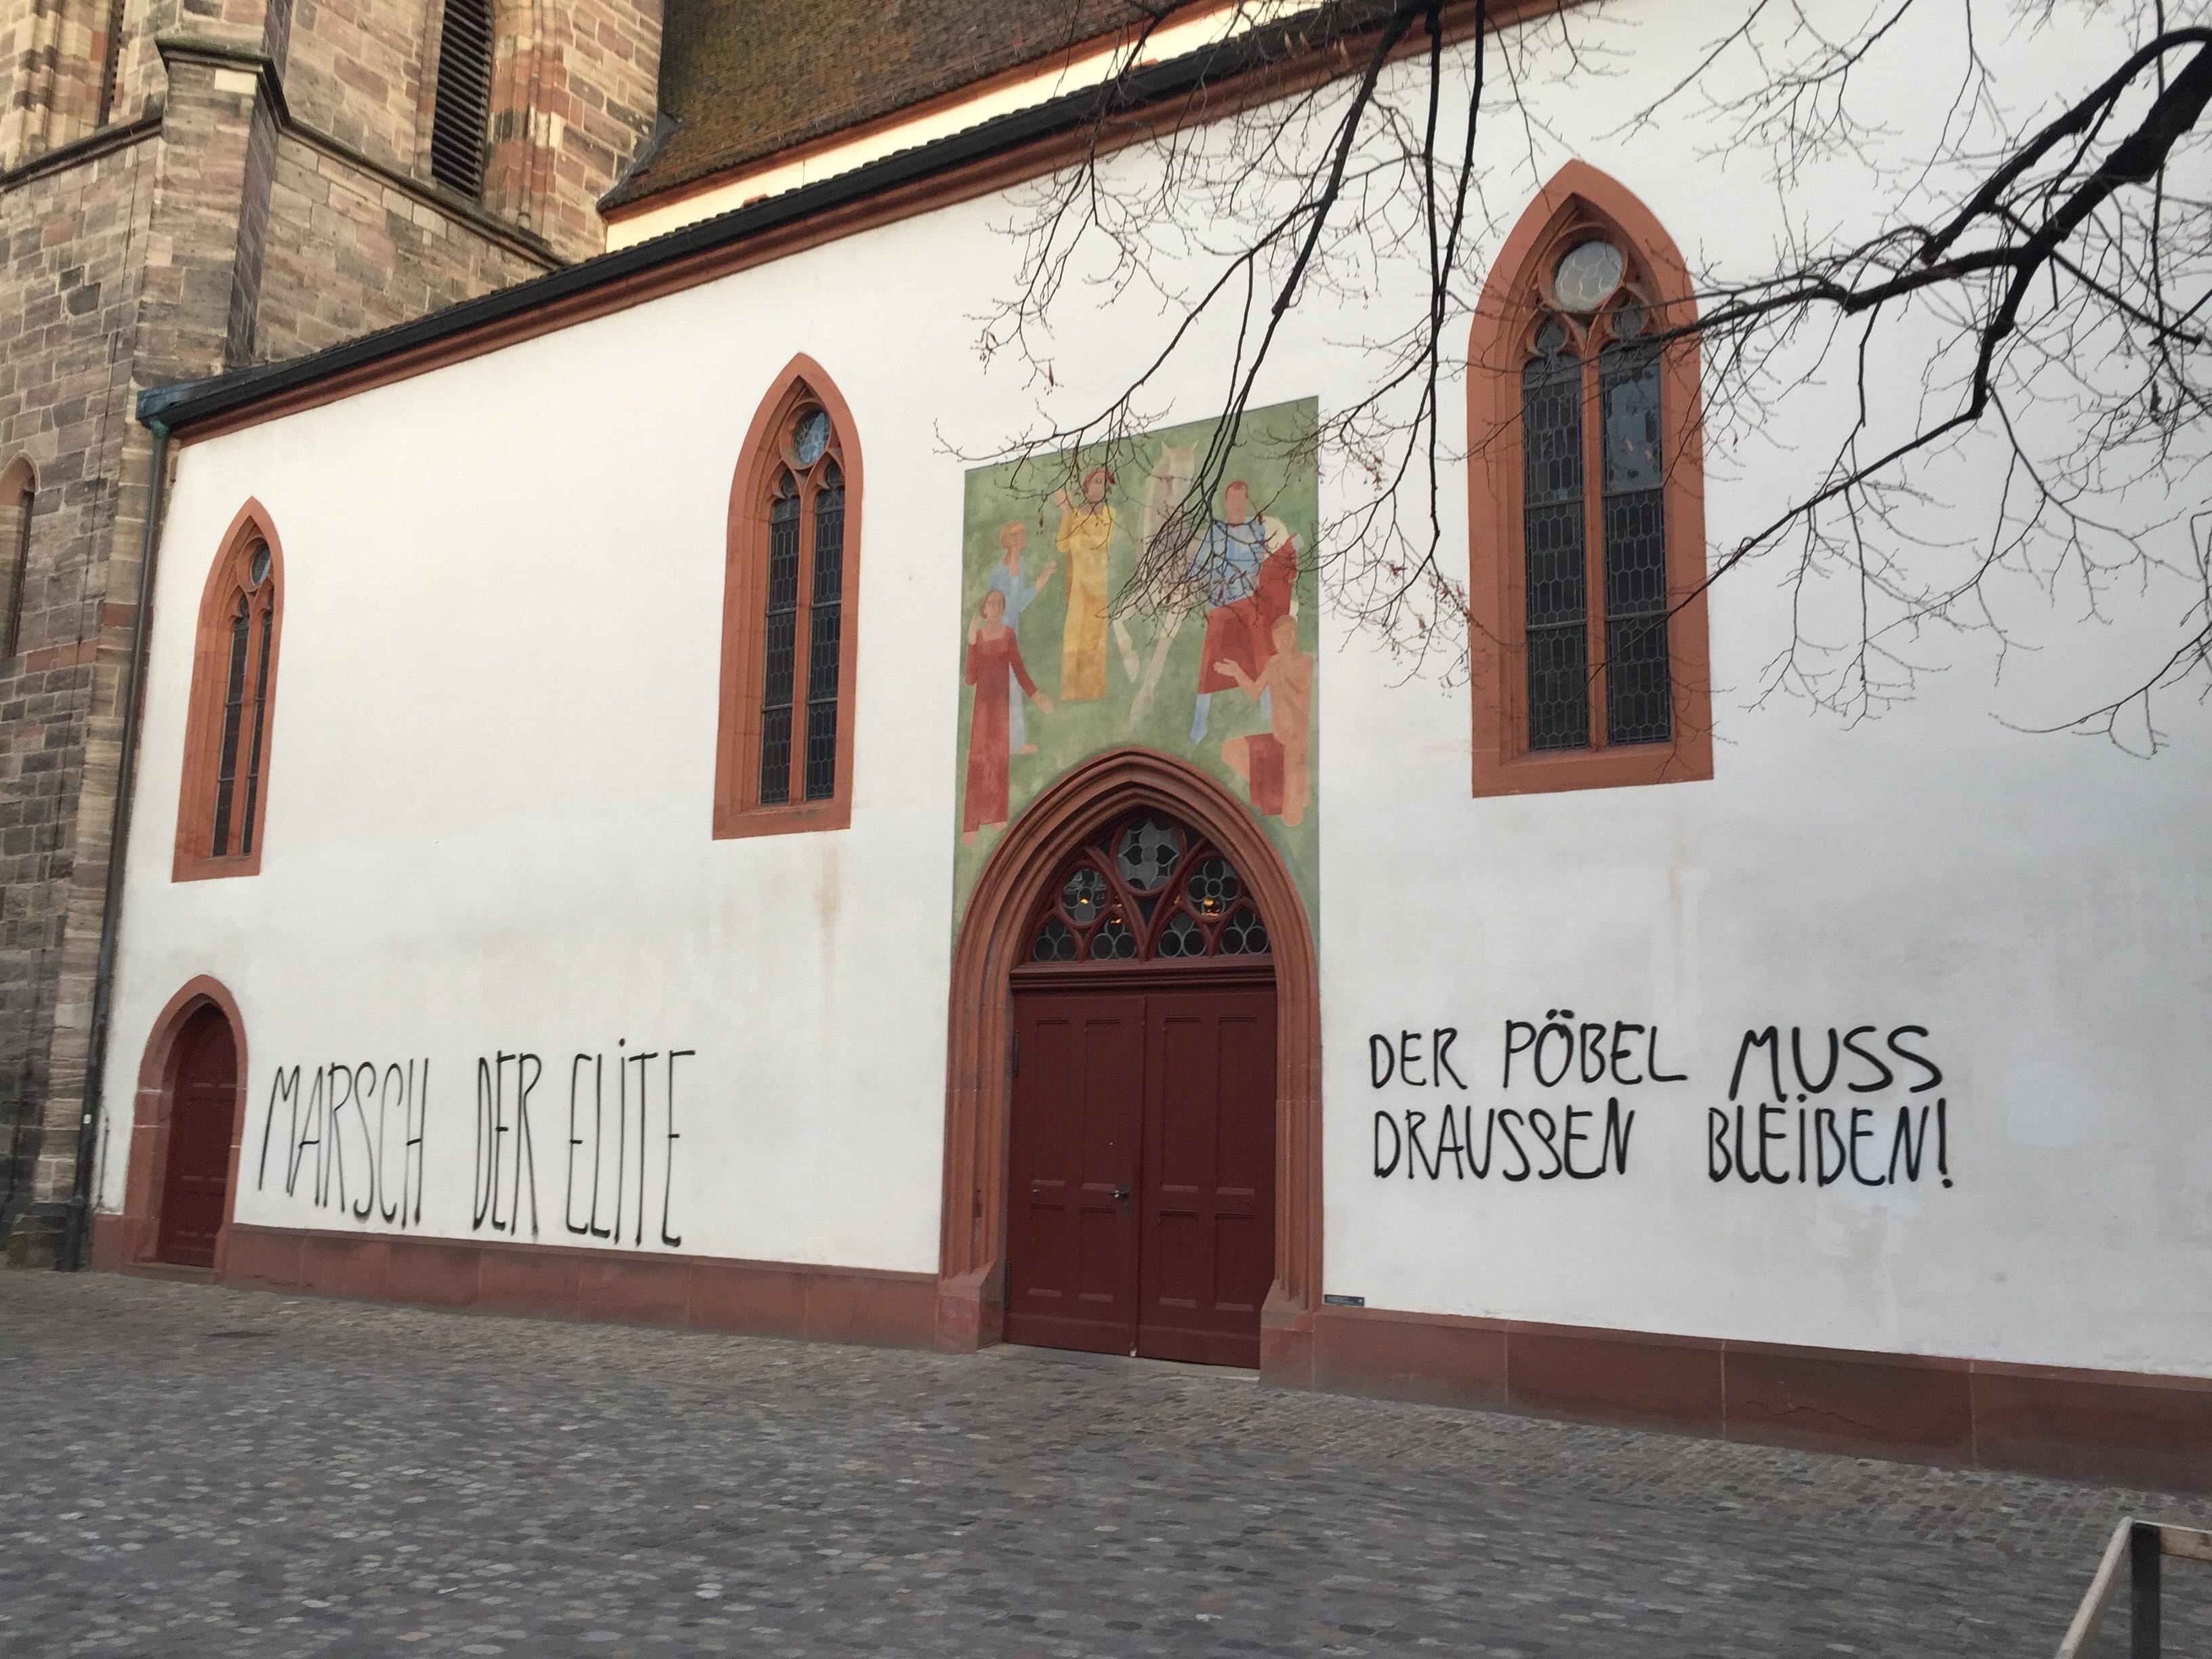 Unbekannte haben in der Nacht auf Freitag, 24. November 2017, Botschaften gegen die Uni auf der Martinskirche und anderen Geb